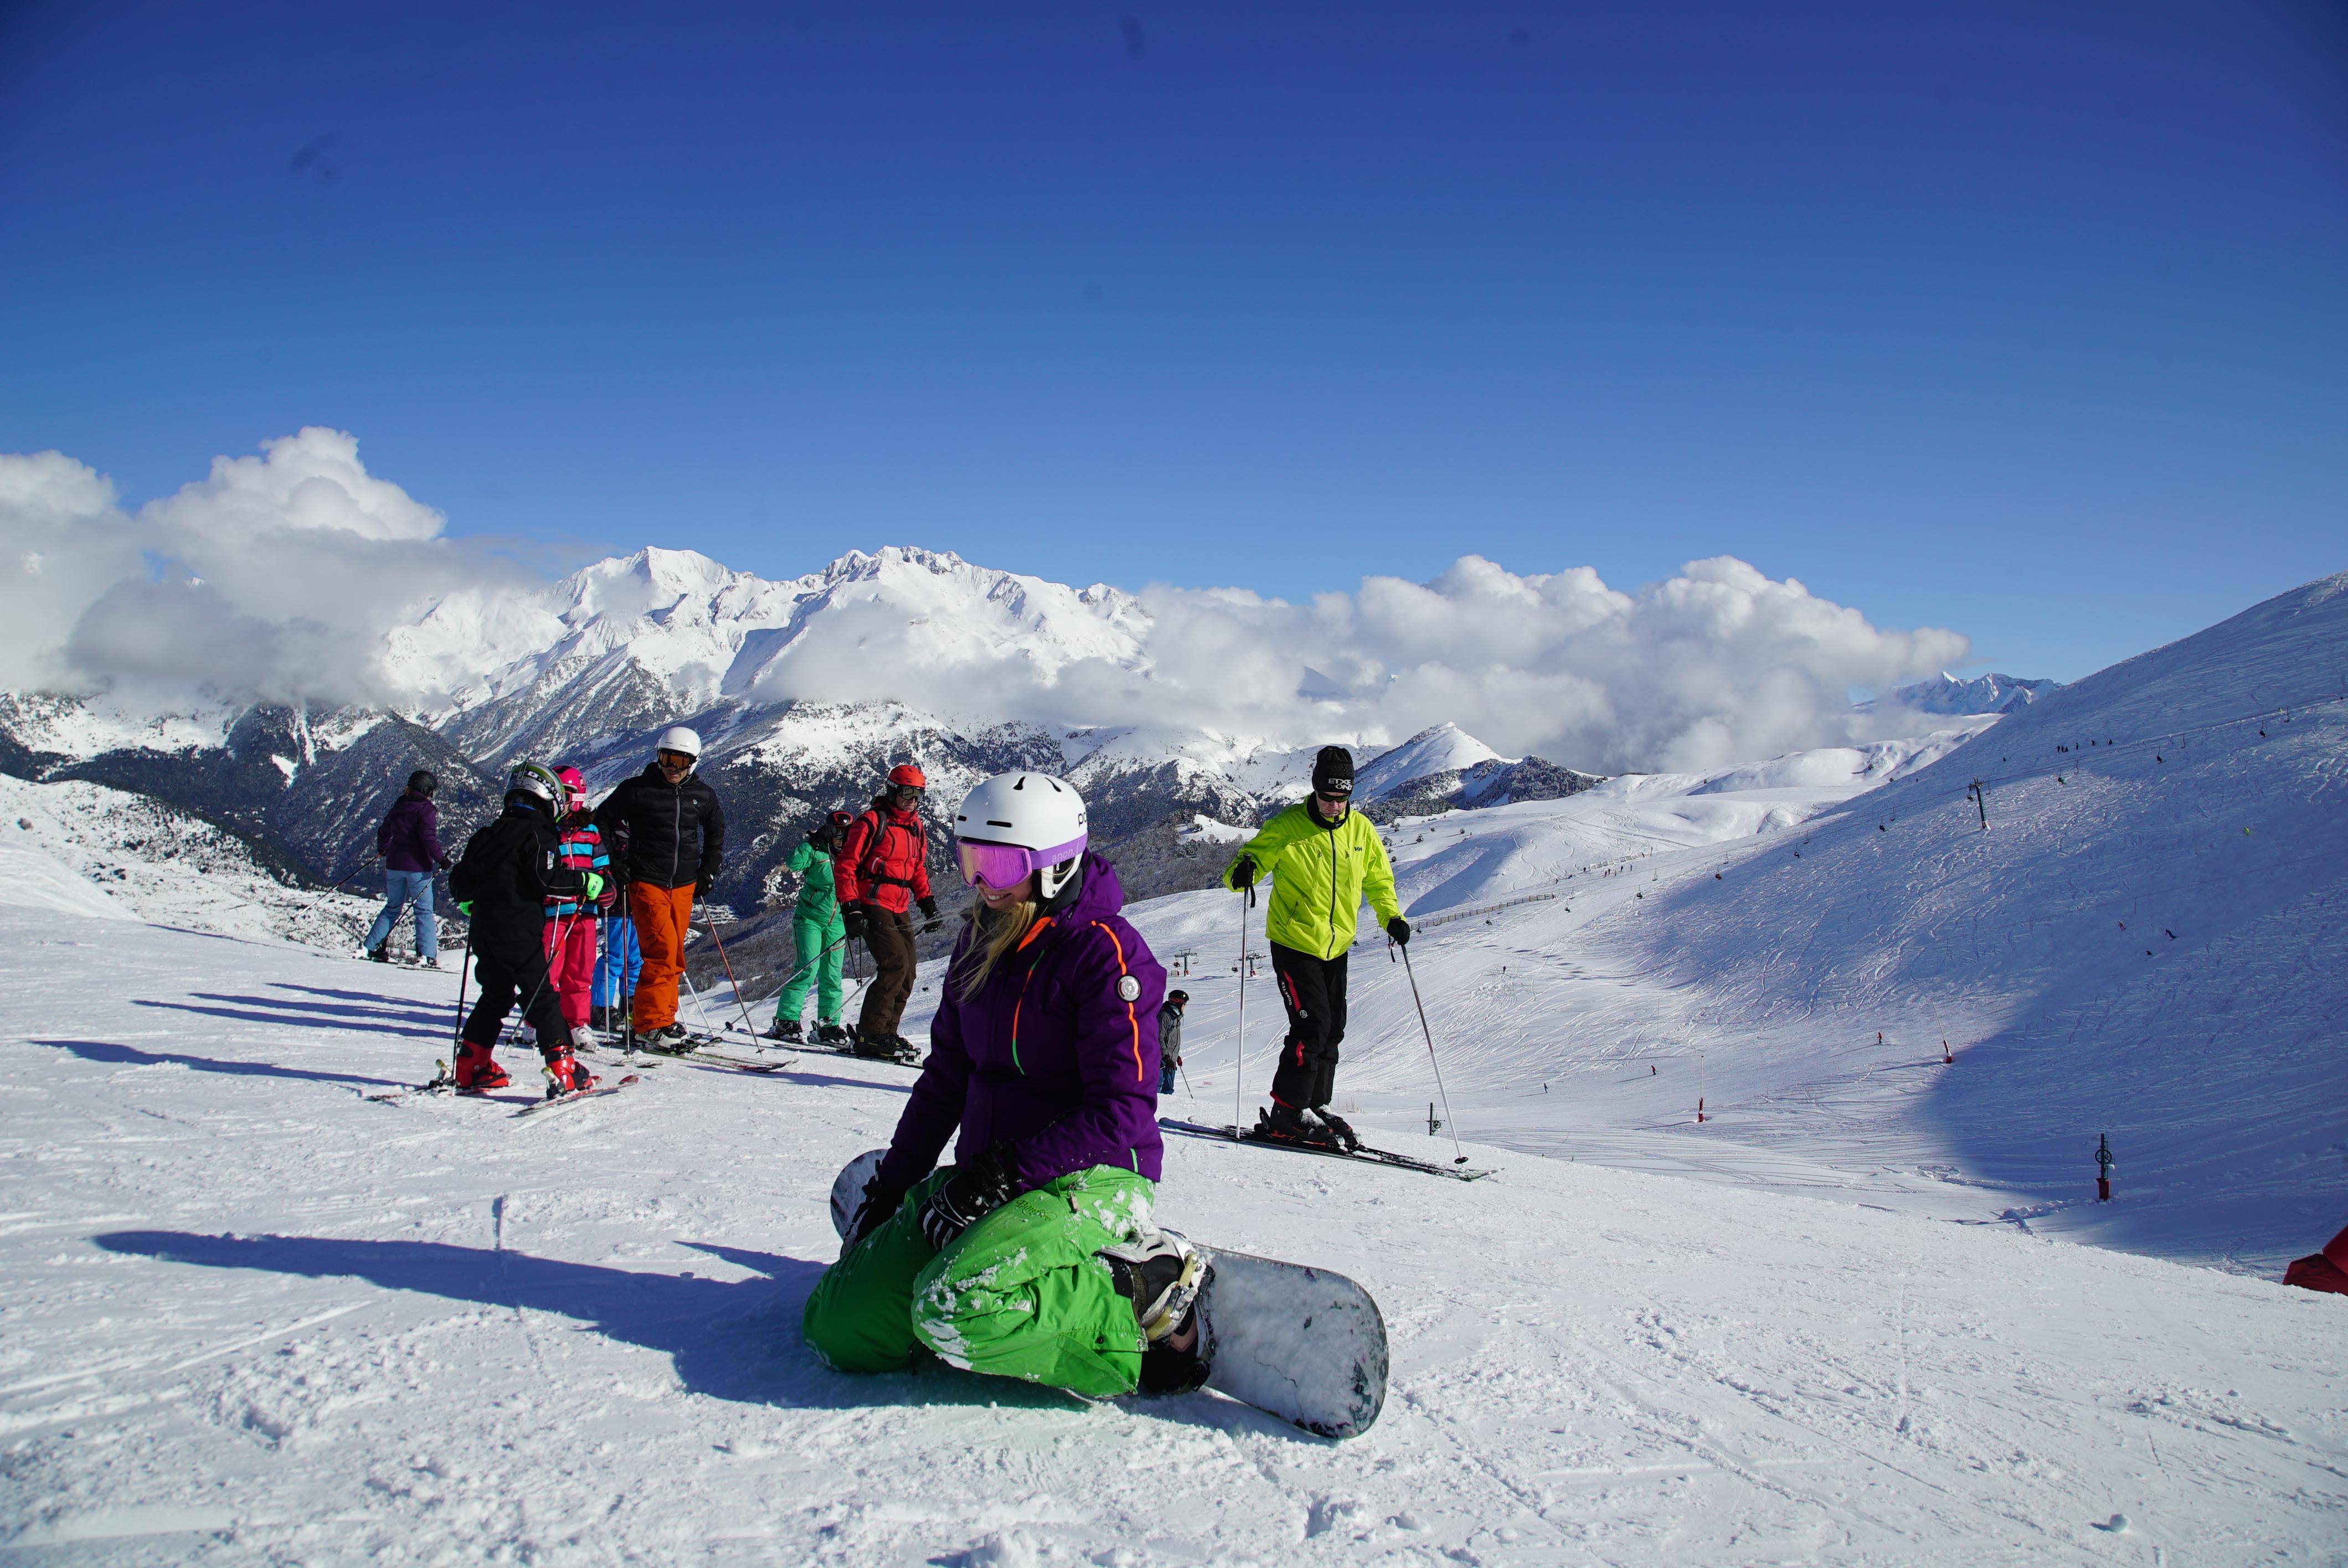 Las estaciones de Aramón rozan la apertura total con casi 250 km esquiables este fin de semana